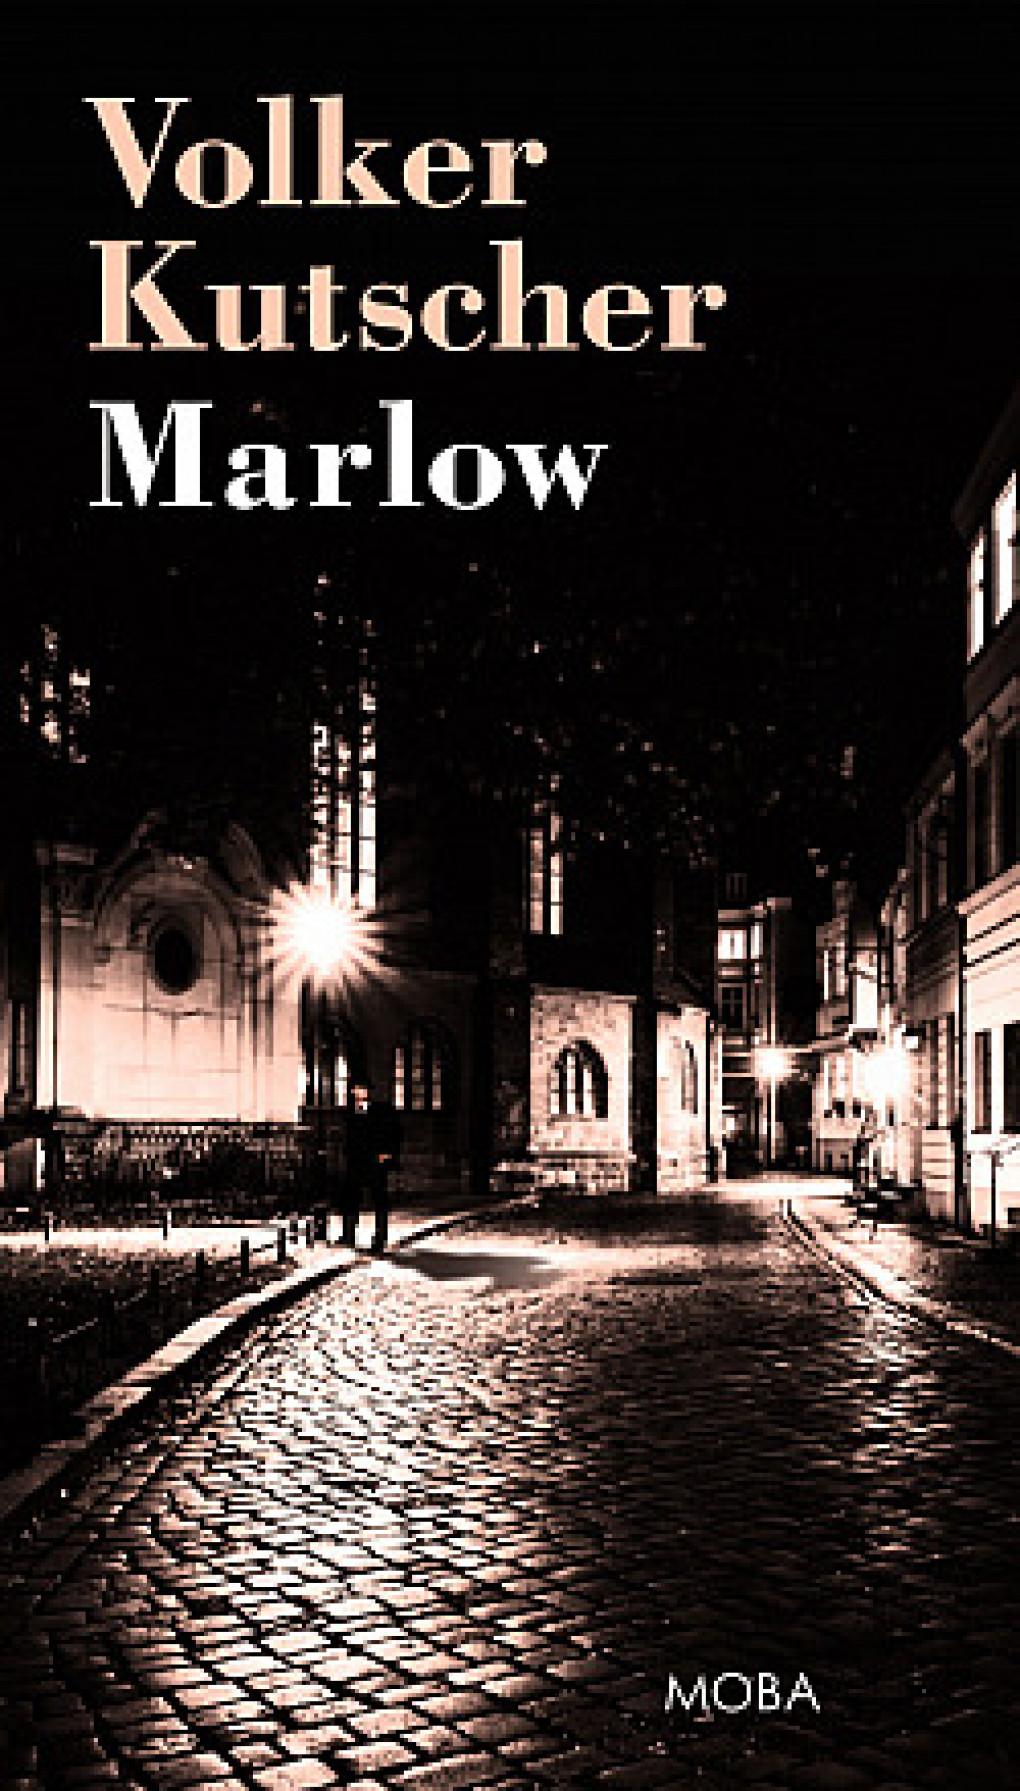 marlowe-xyy-443407.jpg